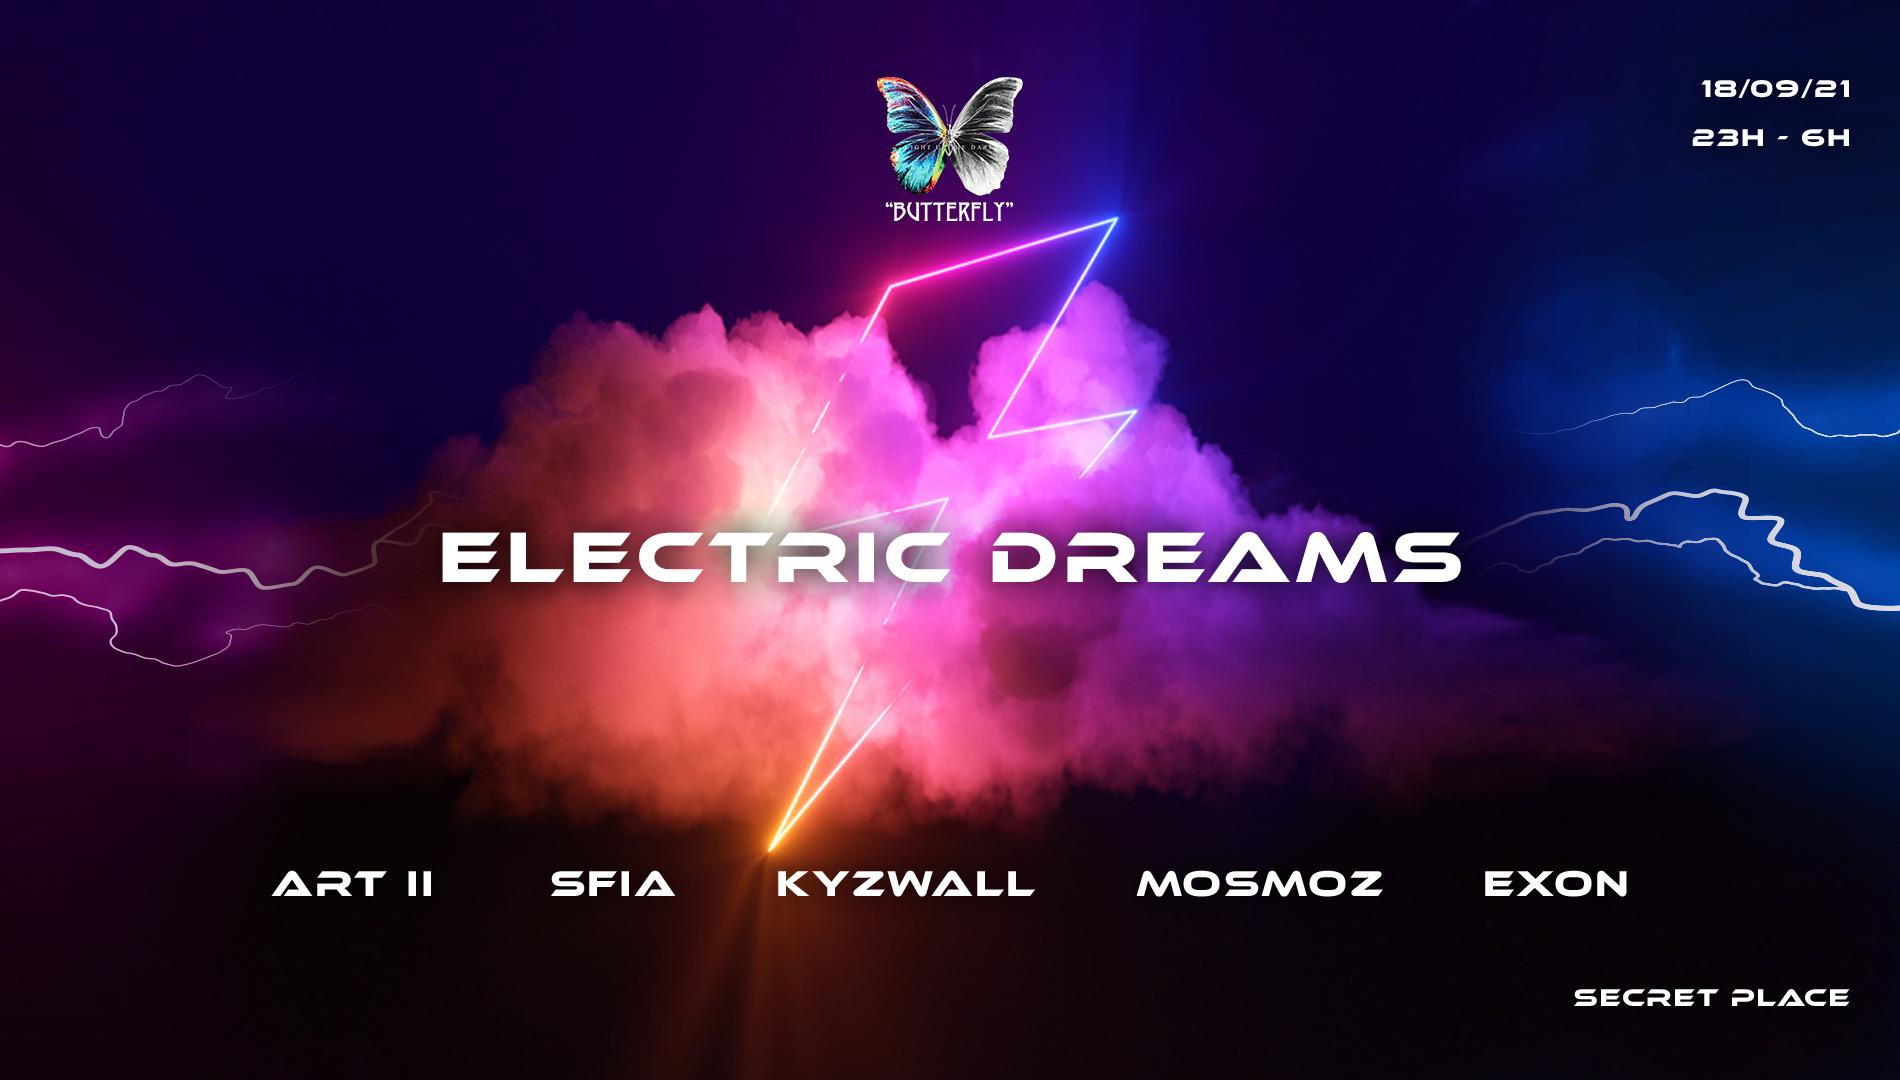 BTF - Electric Dreams